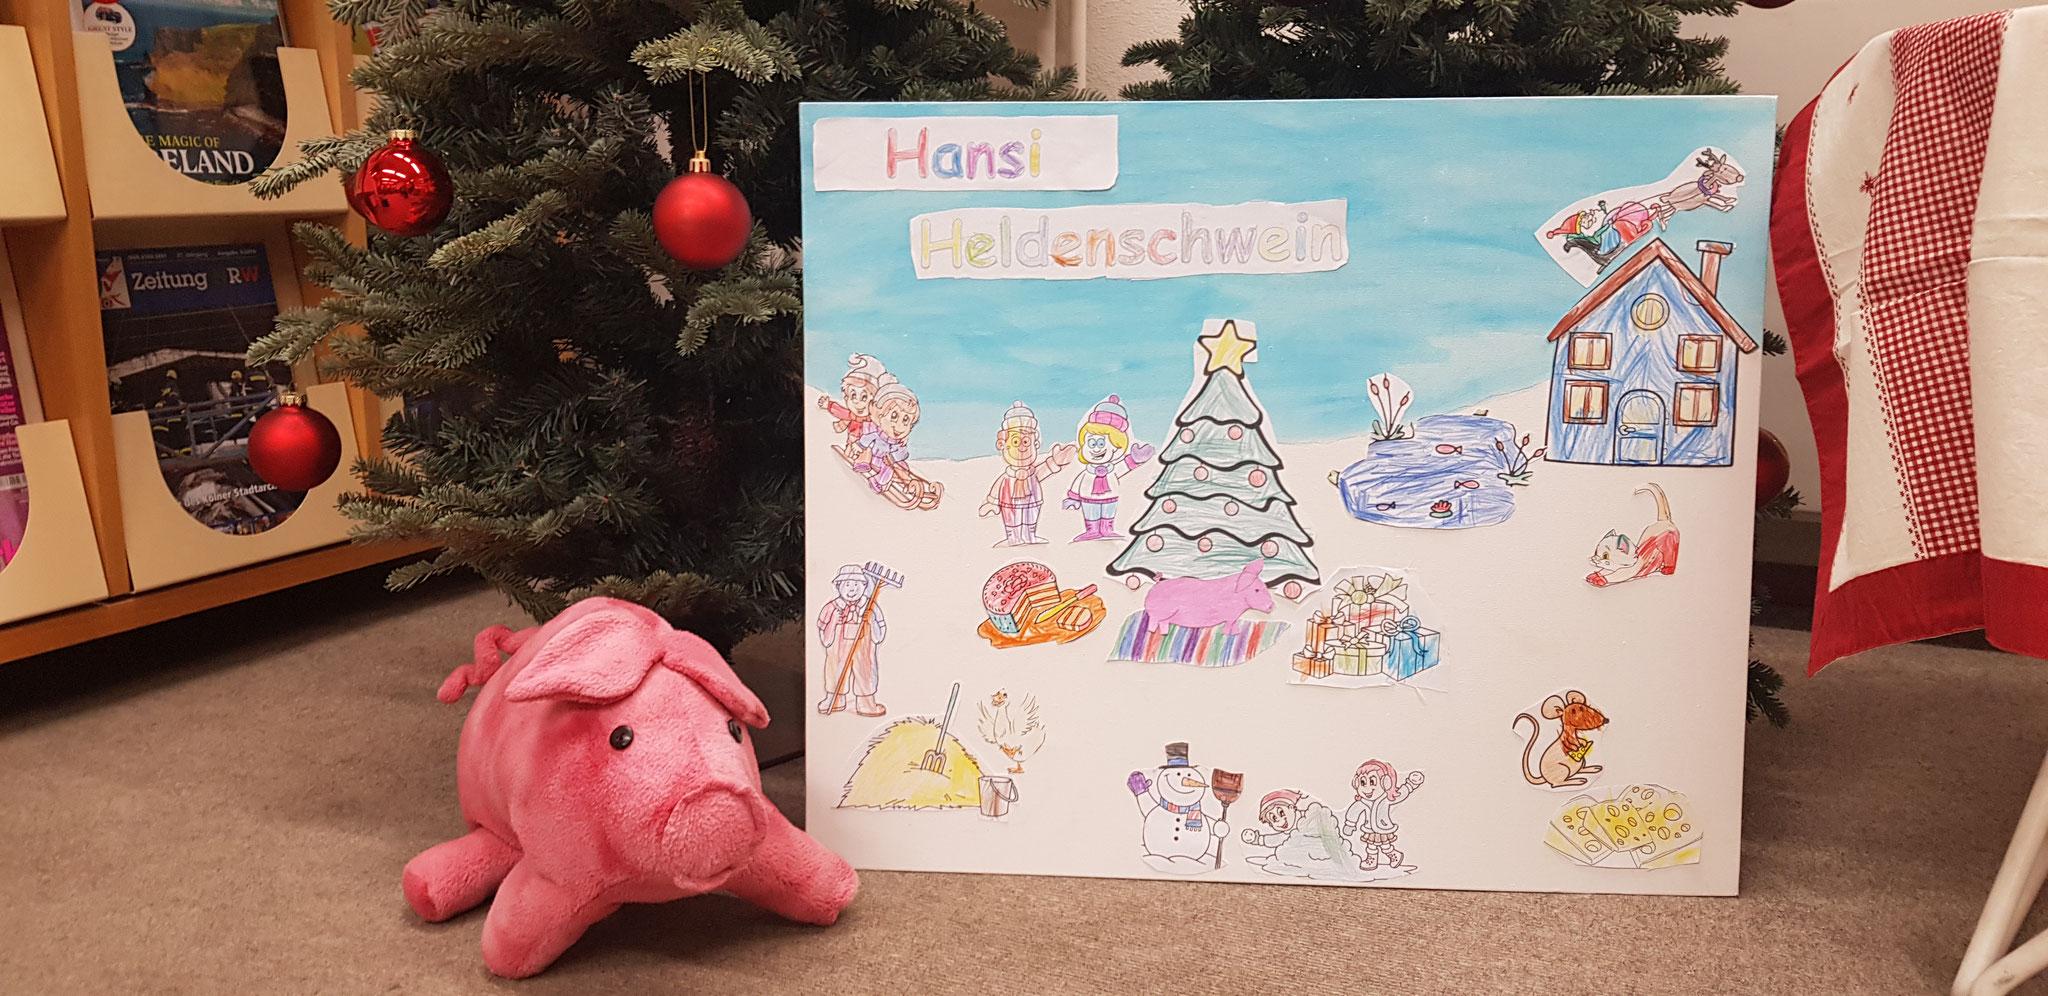 Das fertige Weihnachtsbild mit Hansi